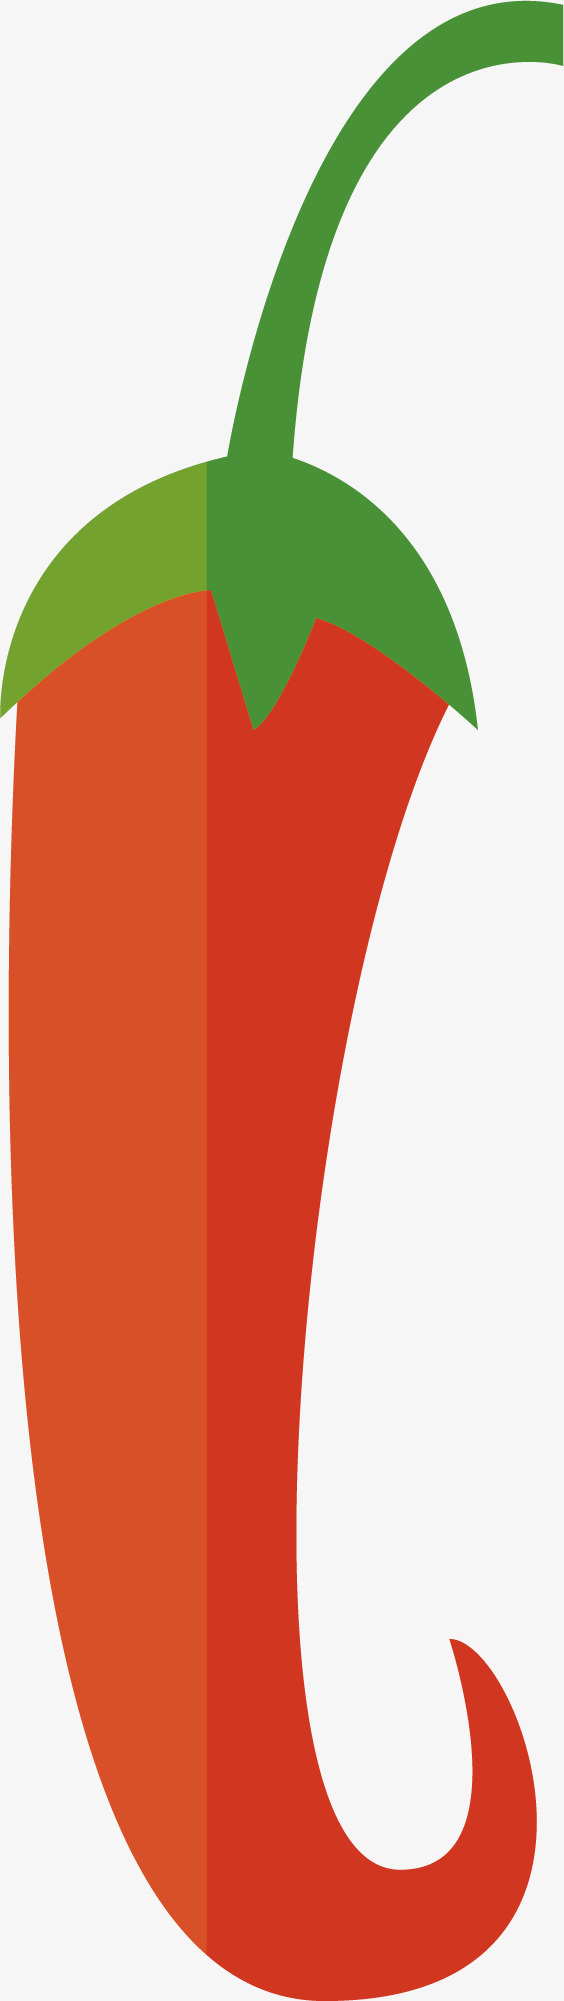 矢量ppt创意设计辣椒图标png素材-90设计